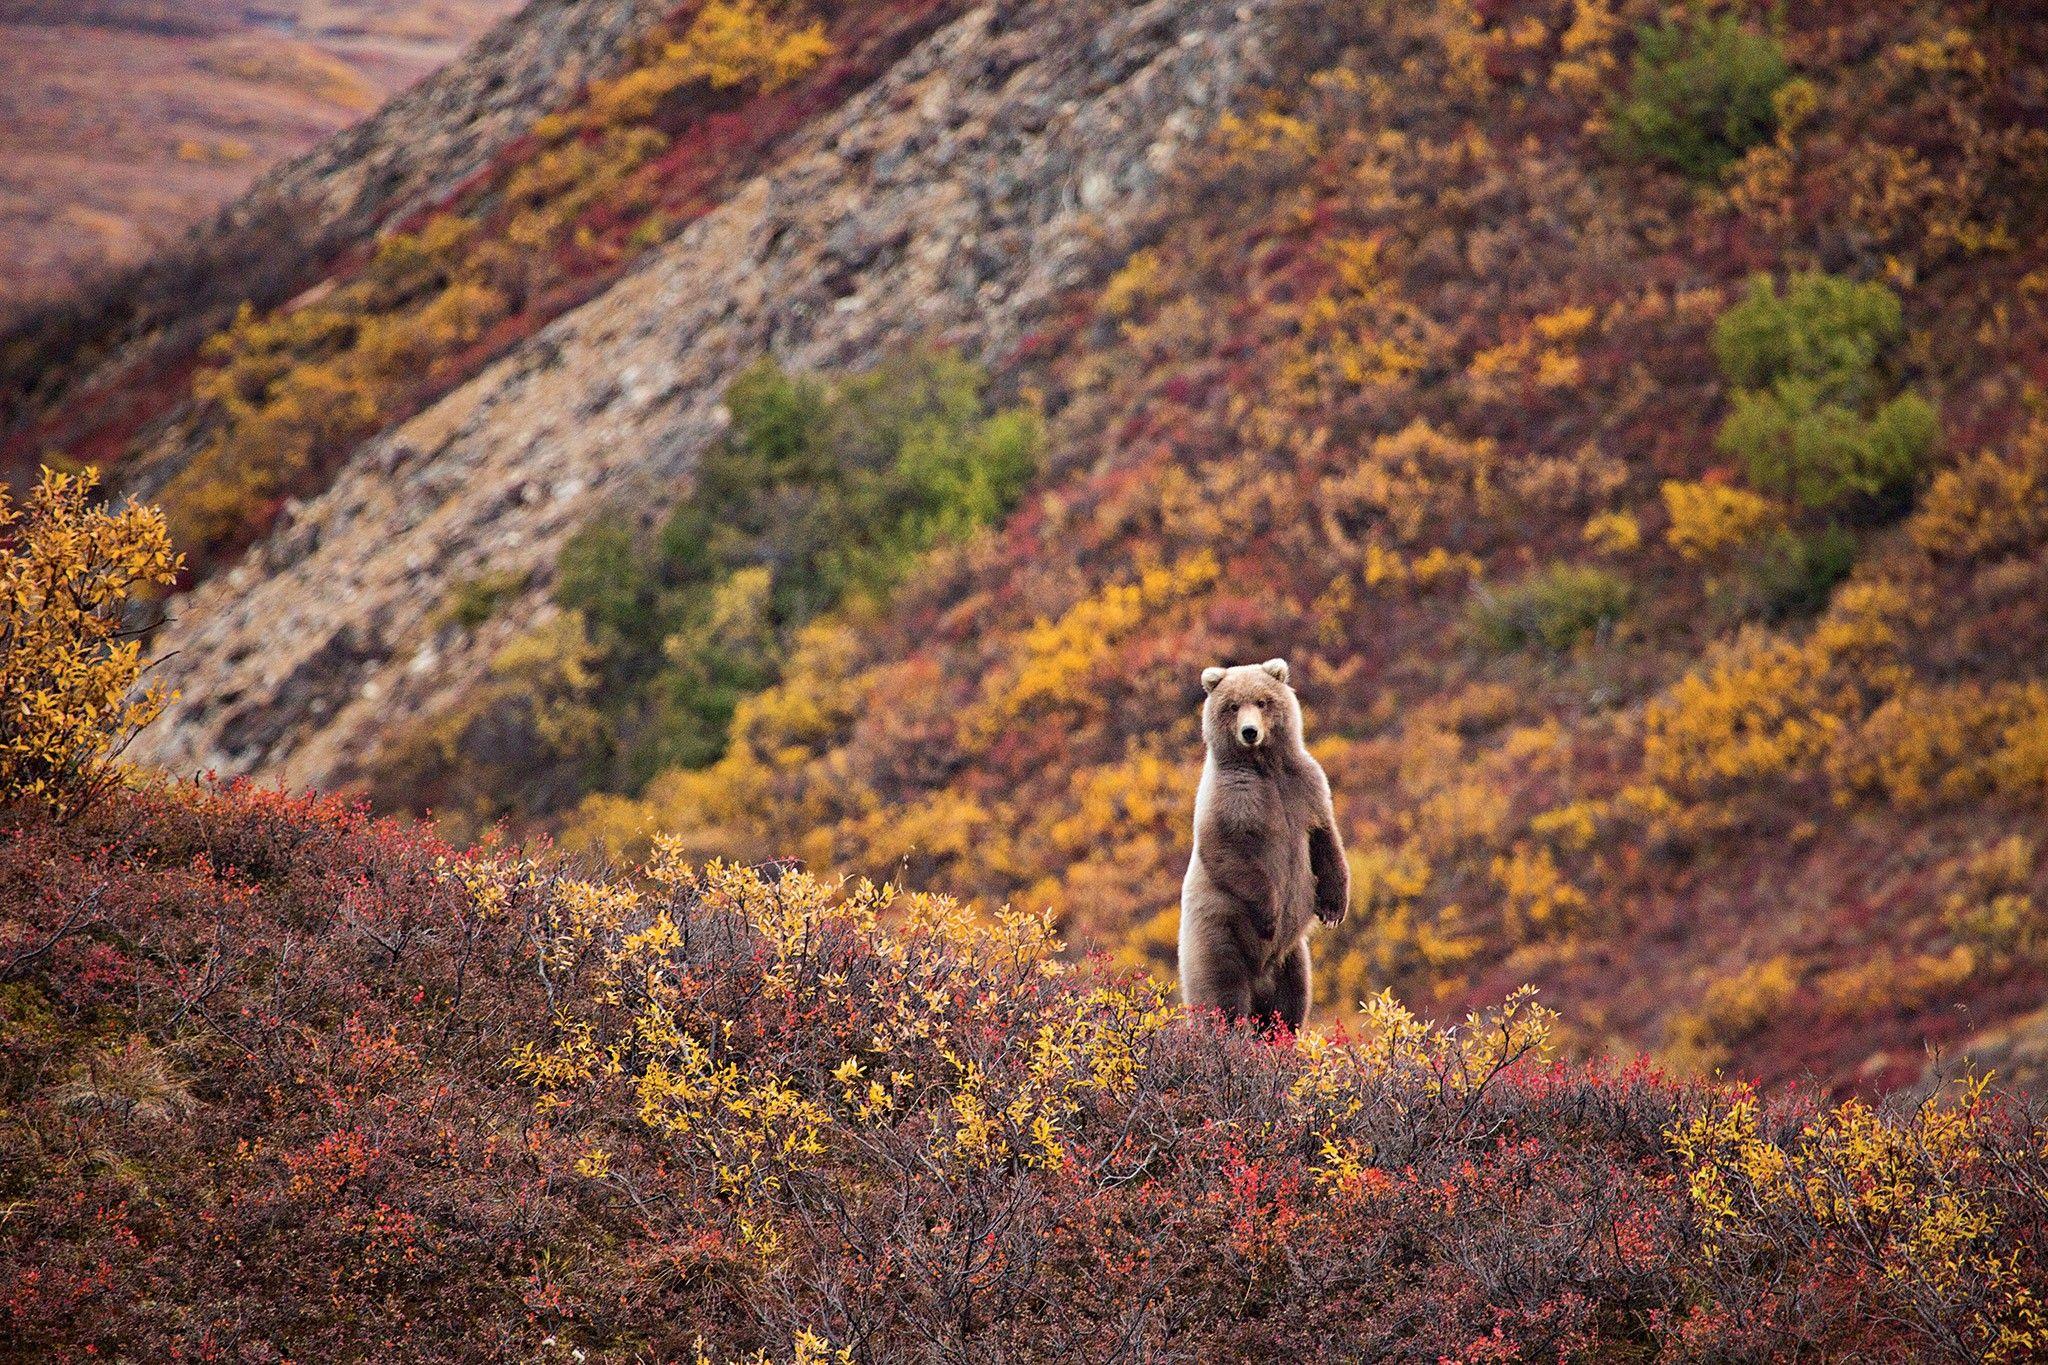 Herbststimmung: 15 Impressionen aus den leuchtenden Wäldern | National Geographic